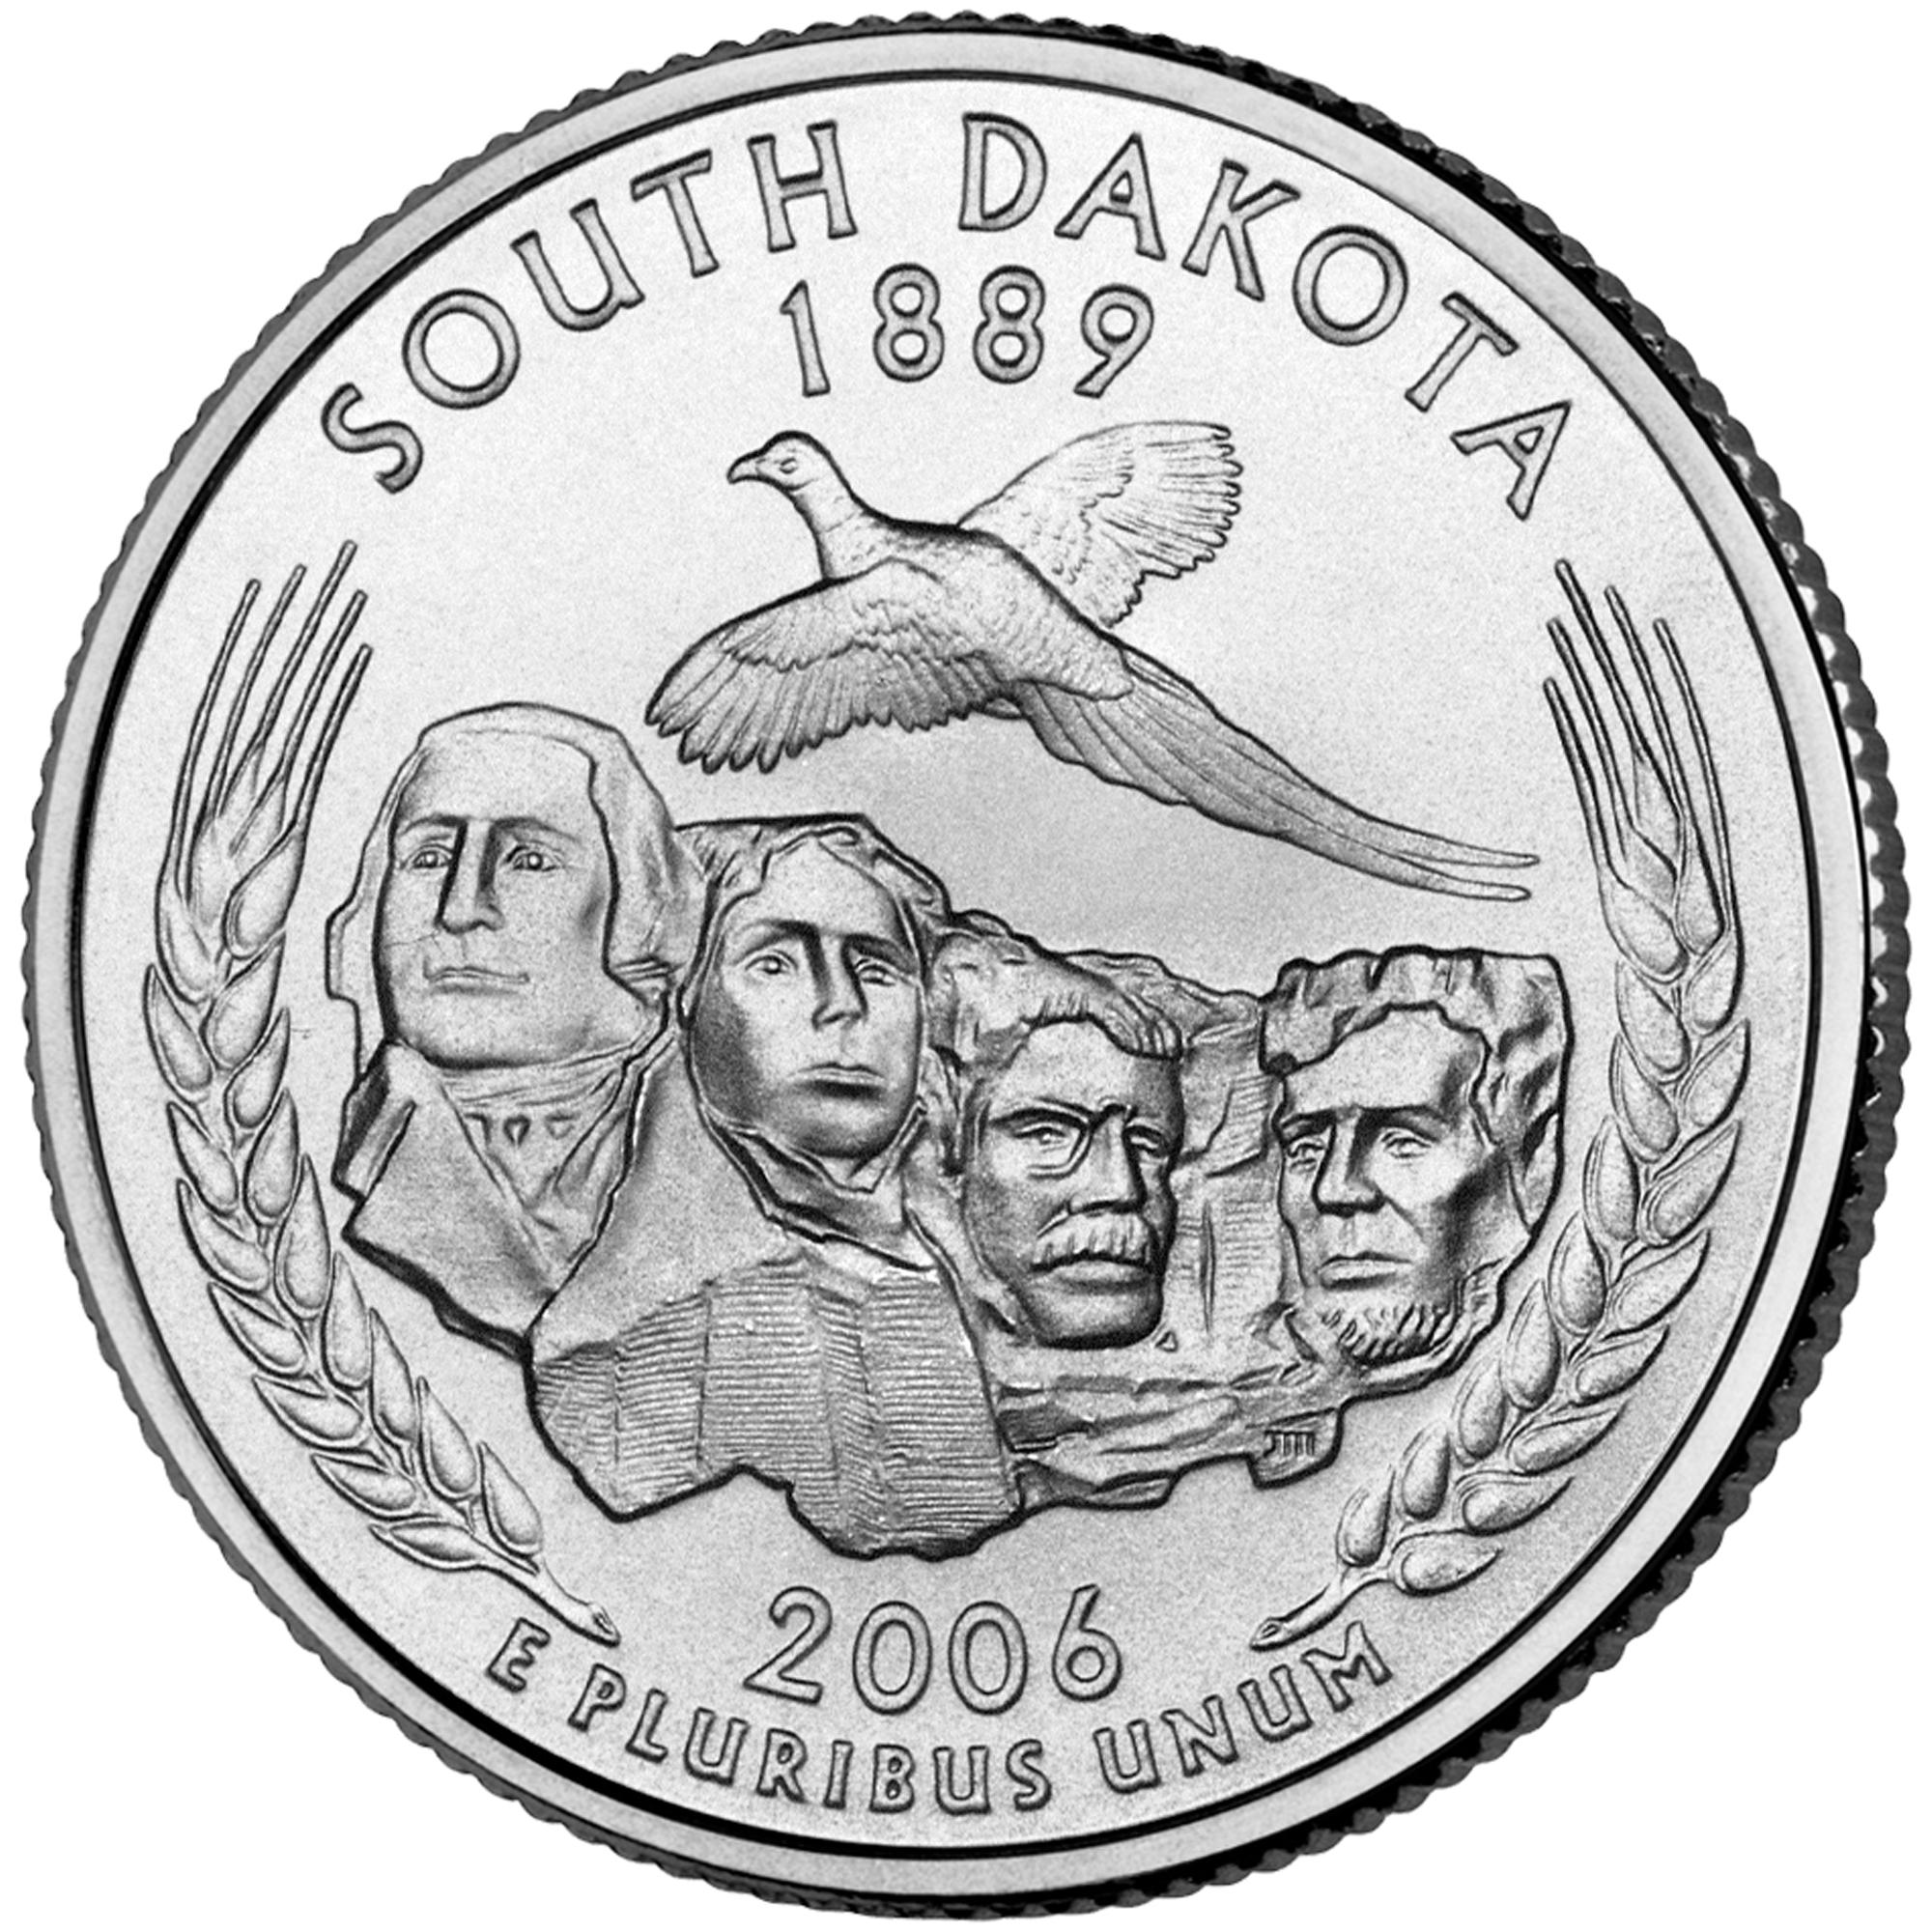 2006 50 State Quarters Coin South Dakota Uncirculated Reverse